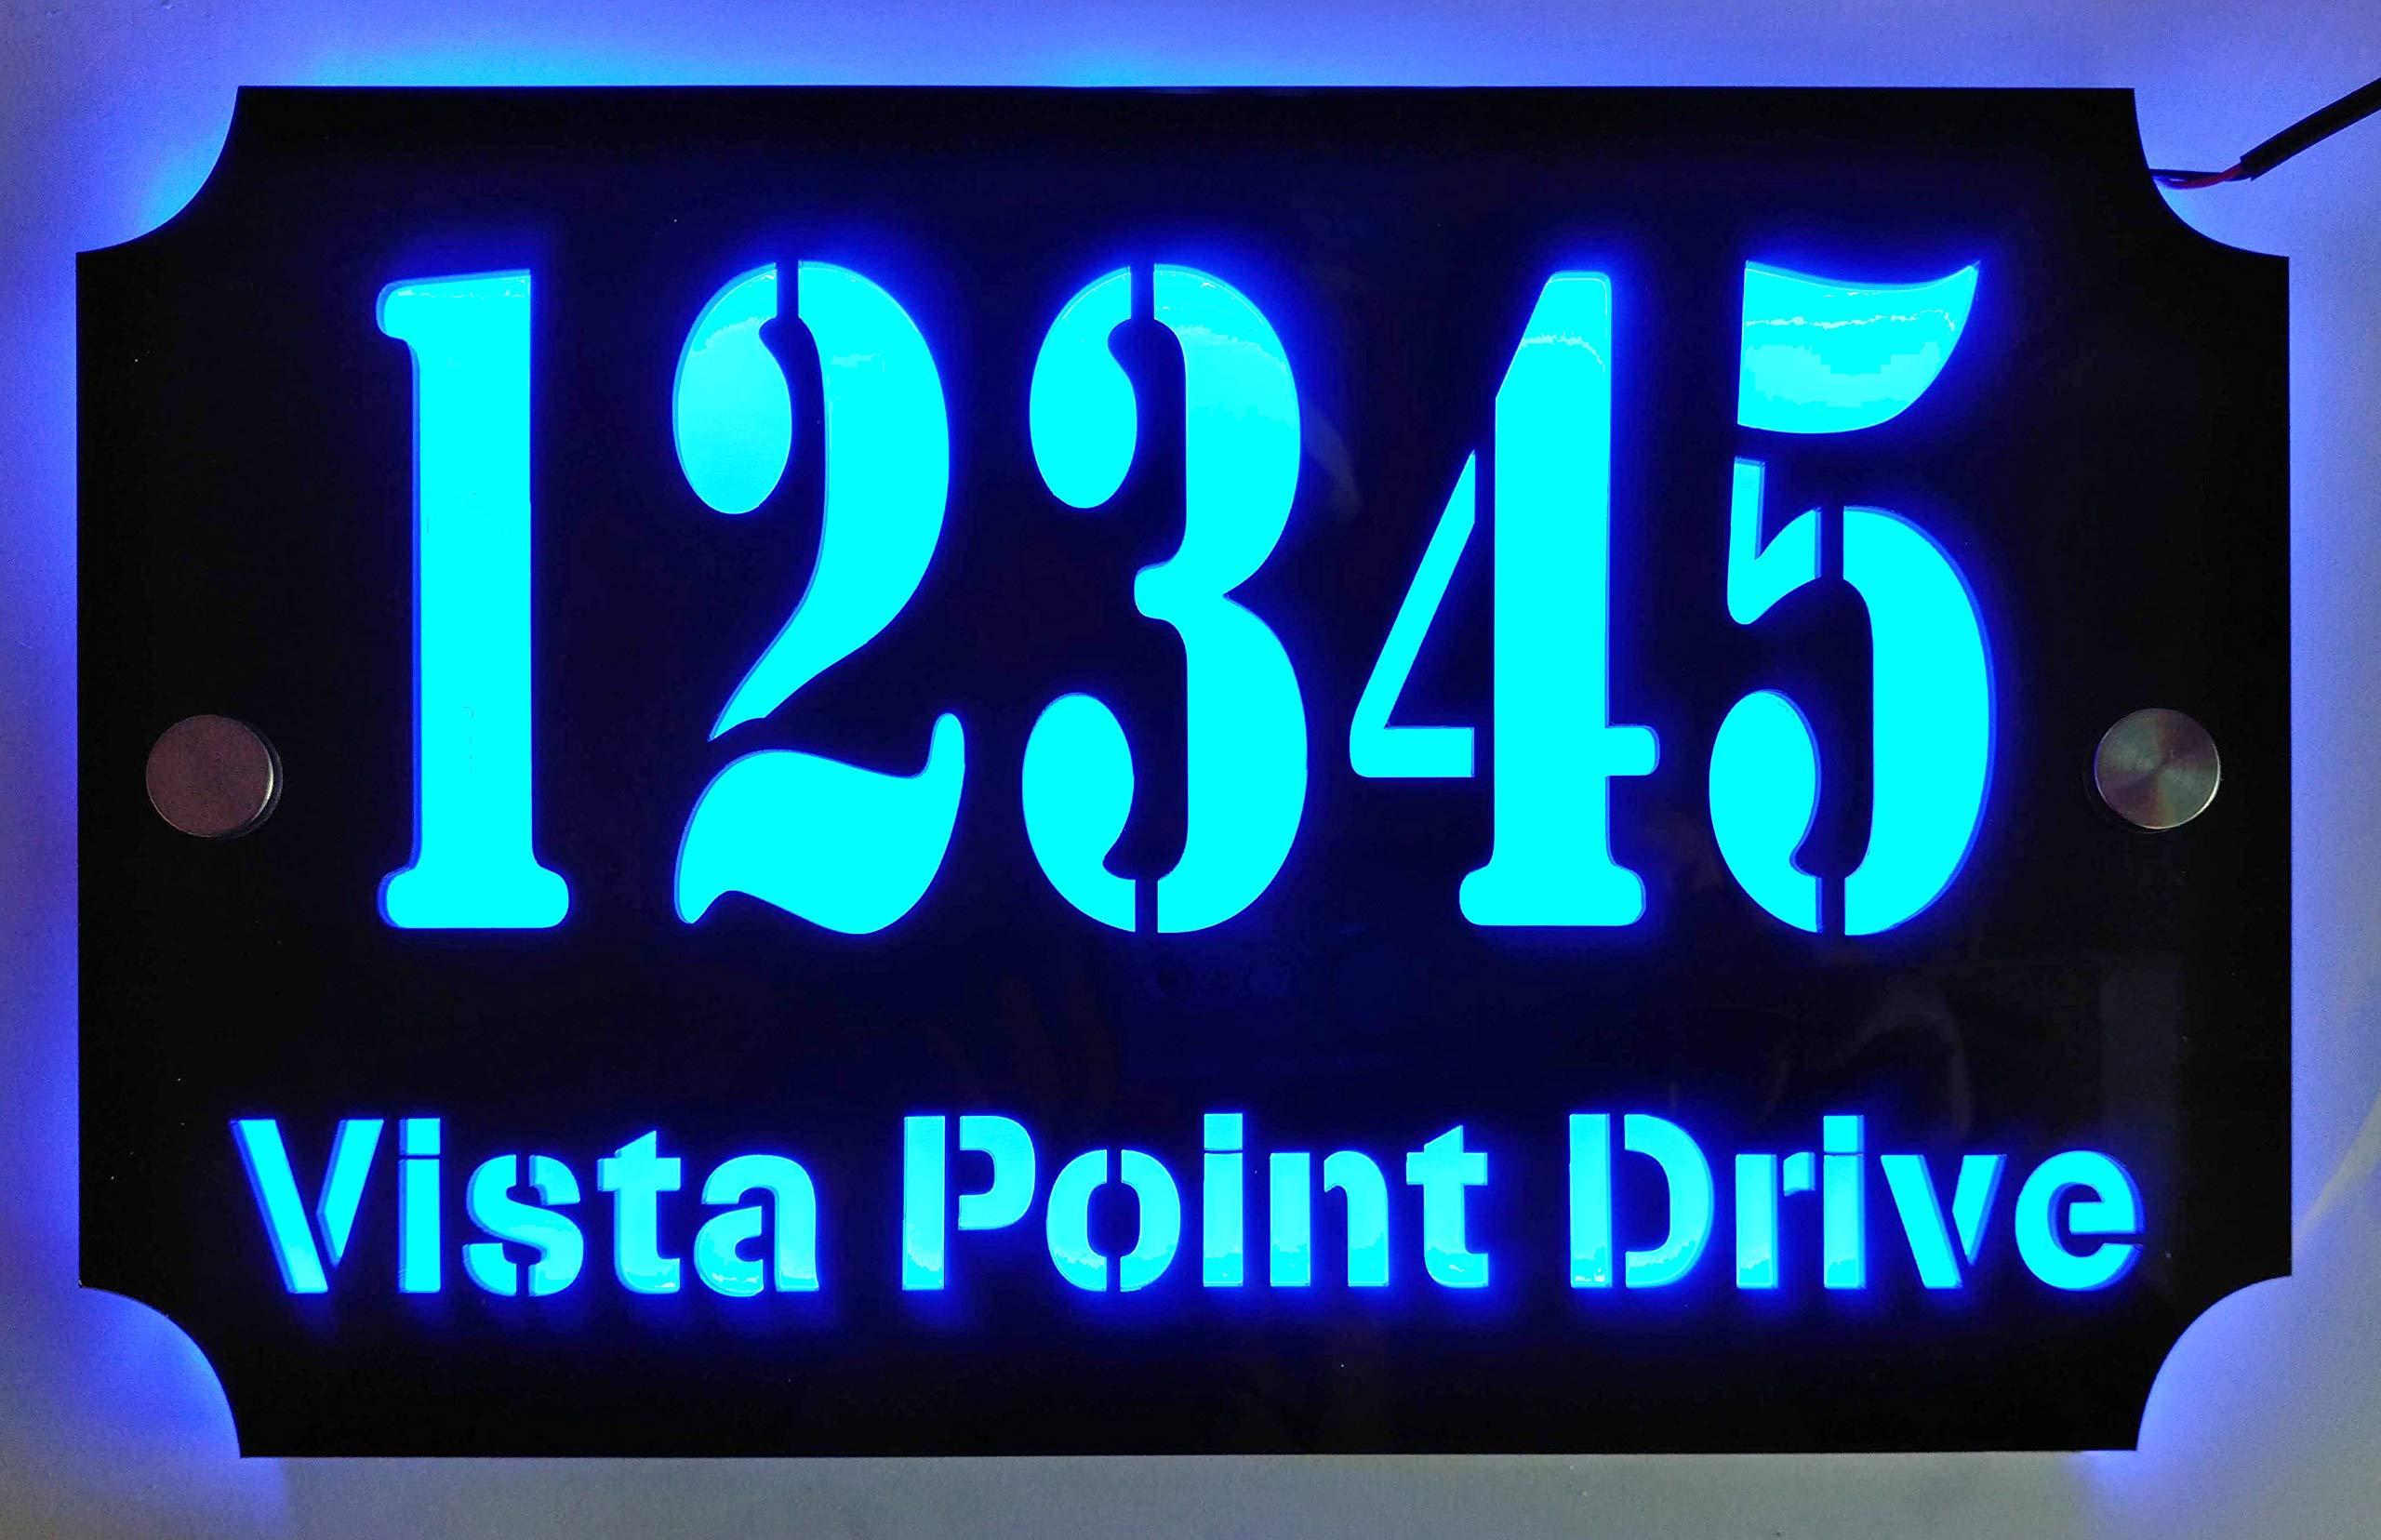 Custom House Address Plaque, LED Illuminated Laser Engraved Acrylic Double-Plates Sign, Premium Quality, Stylish and Durable (11''x7'' Rectange, Blue LED)